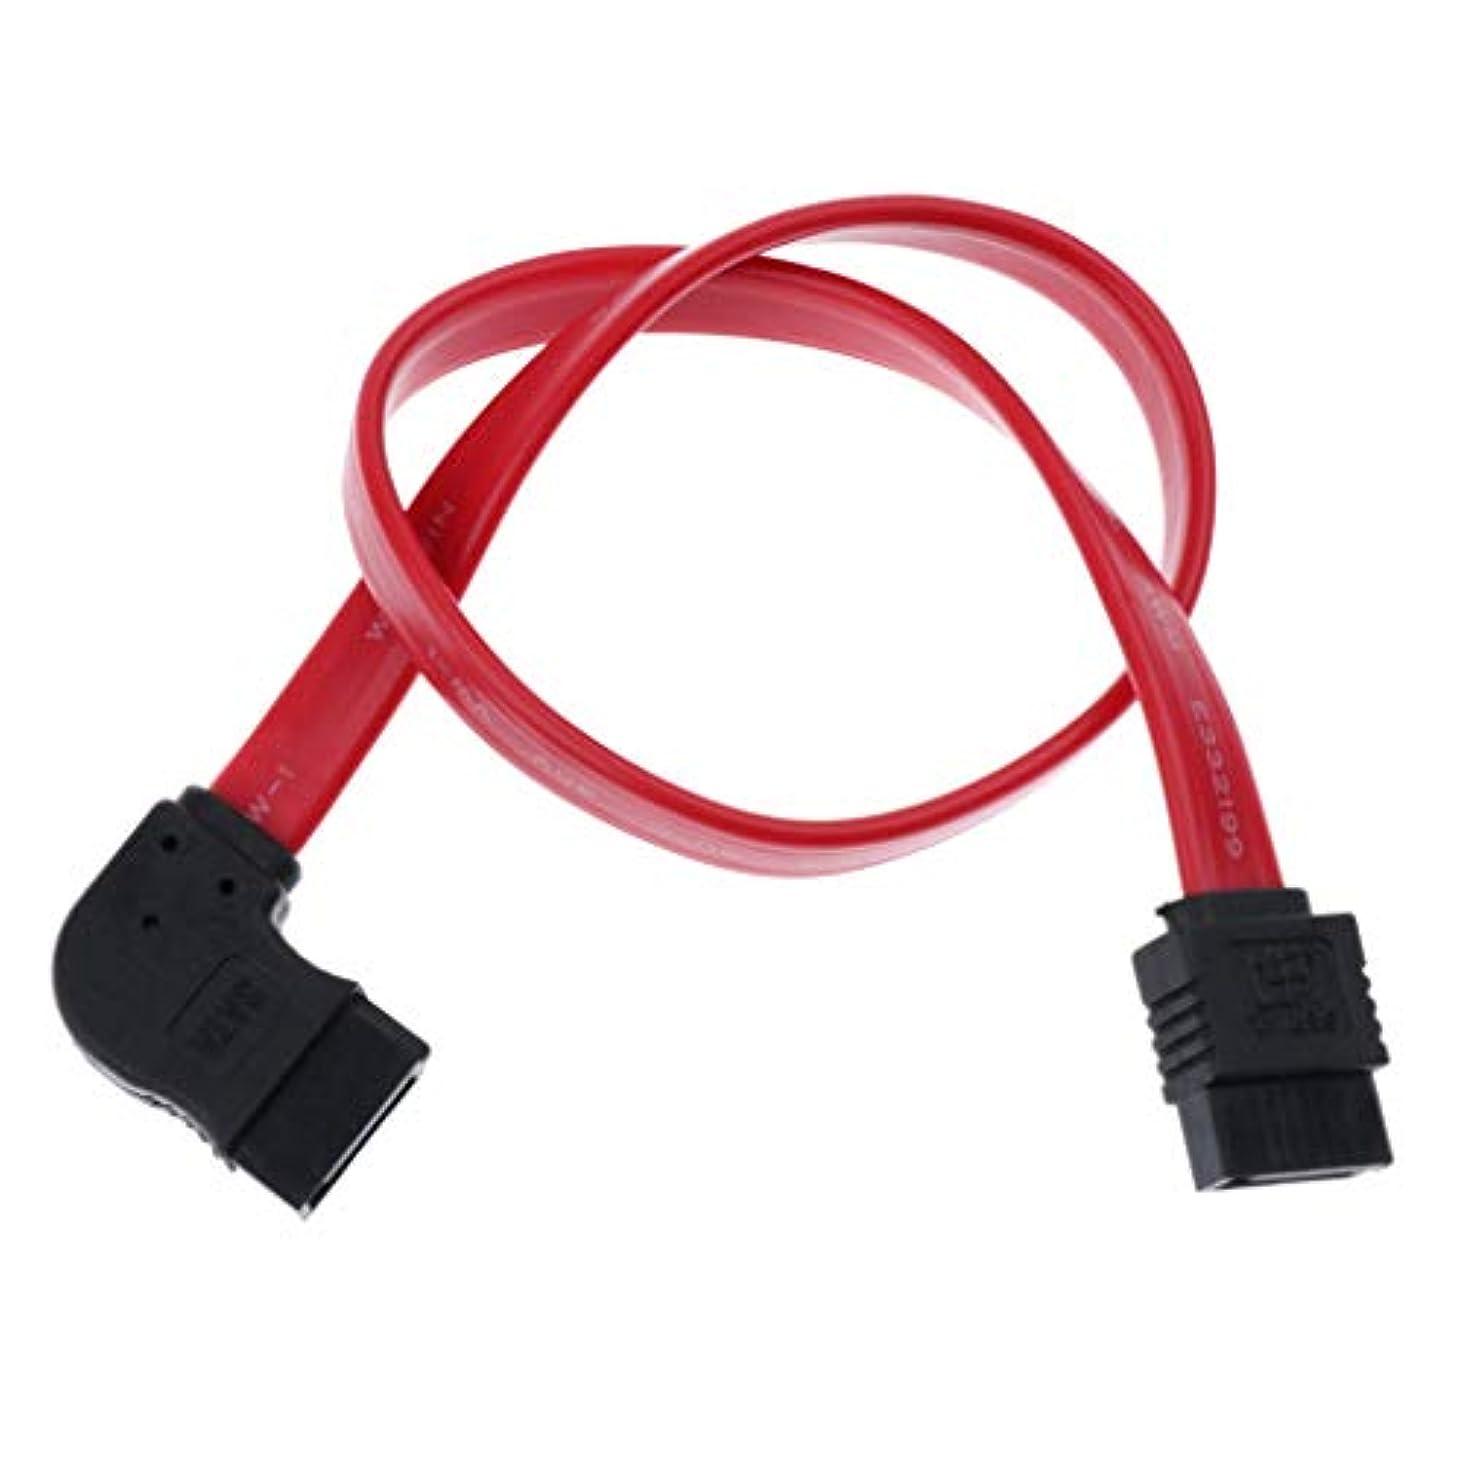 建築家ドレイン意味するBaosity 12インチ SATAケーブル 90度 6Gbps データケーブル ロックラッチ付き 赤